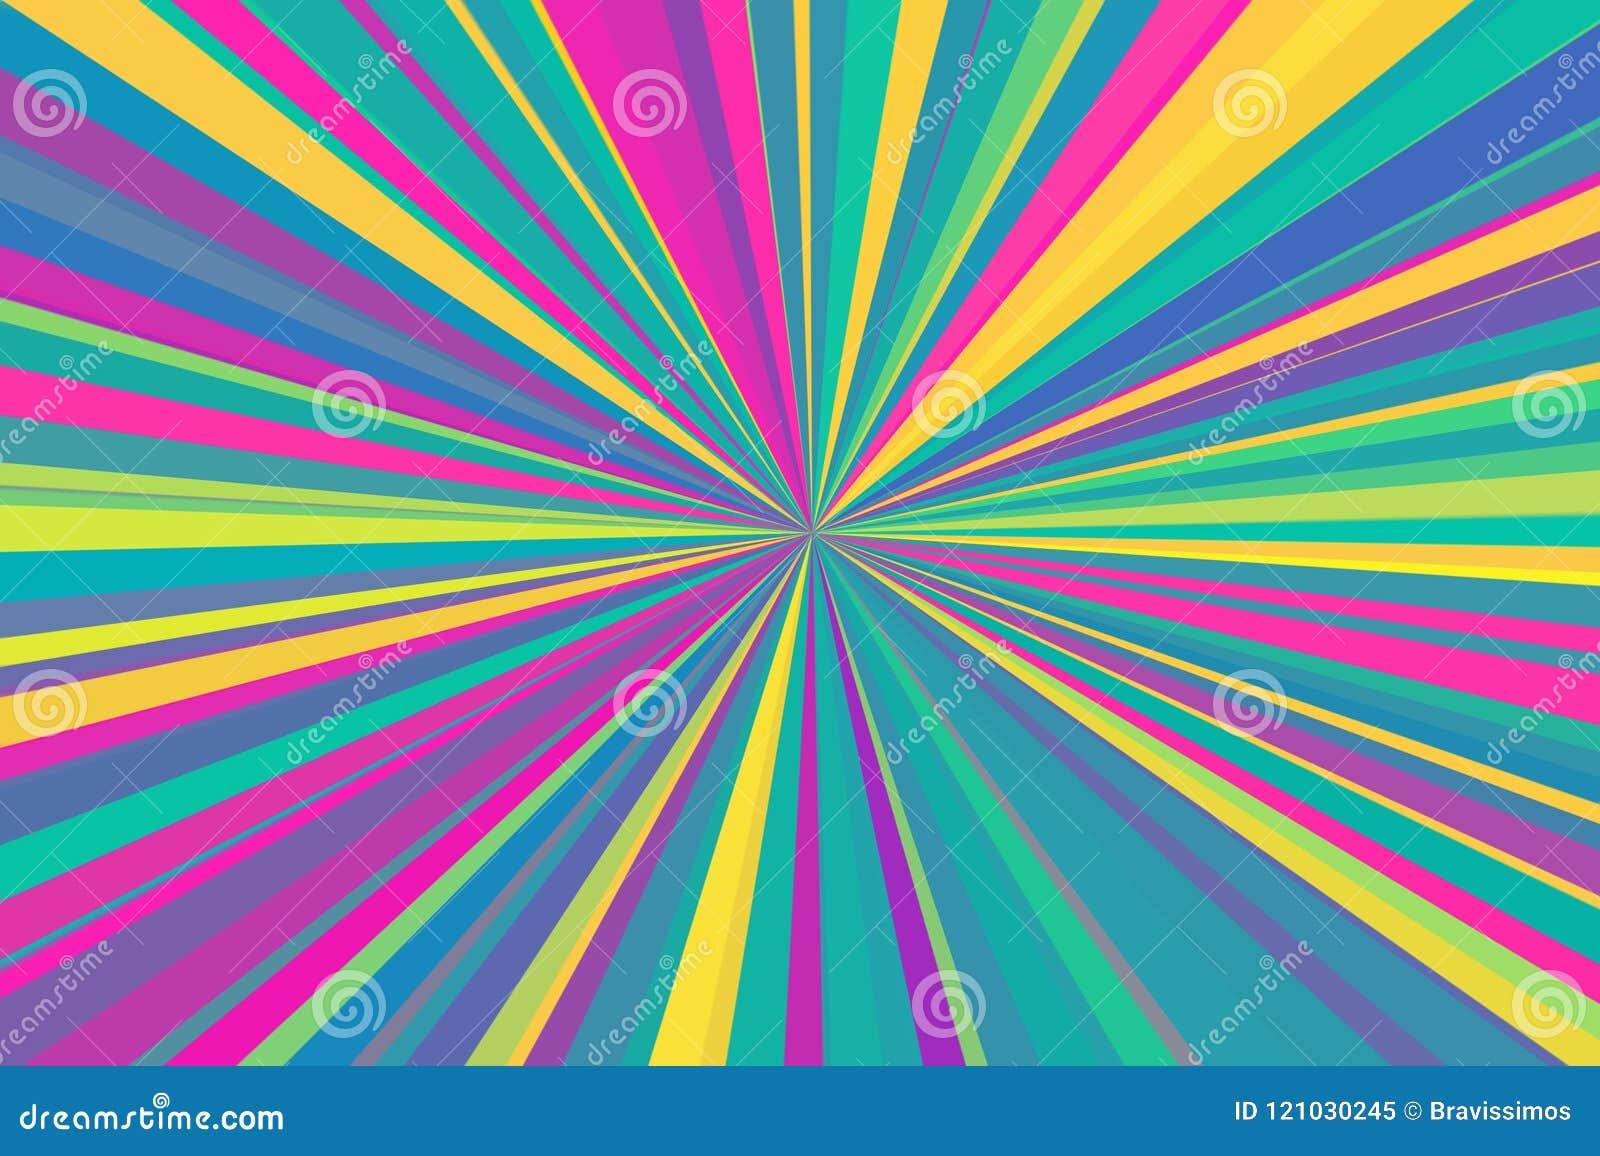 O sumário multicolorido irradia o fundo Teste padrão colorido do feixe das listras Cores modernas da tendência da ilustração à mo